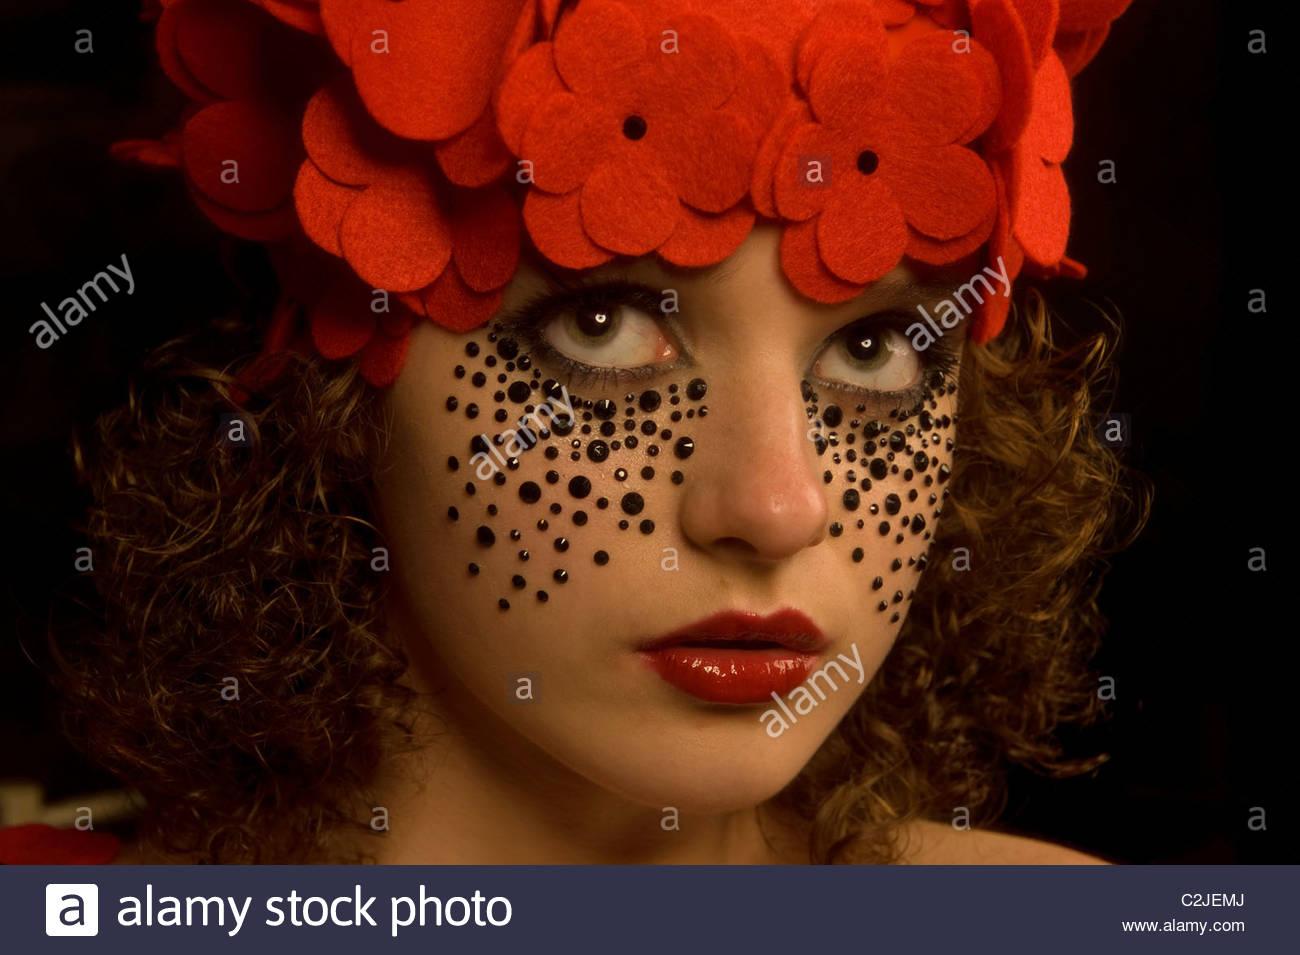 Jeune fille espiègle Photo Stock